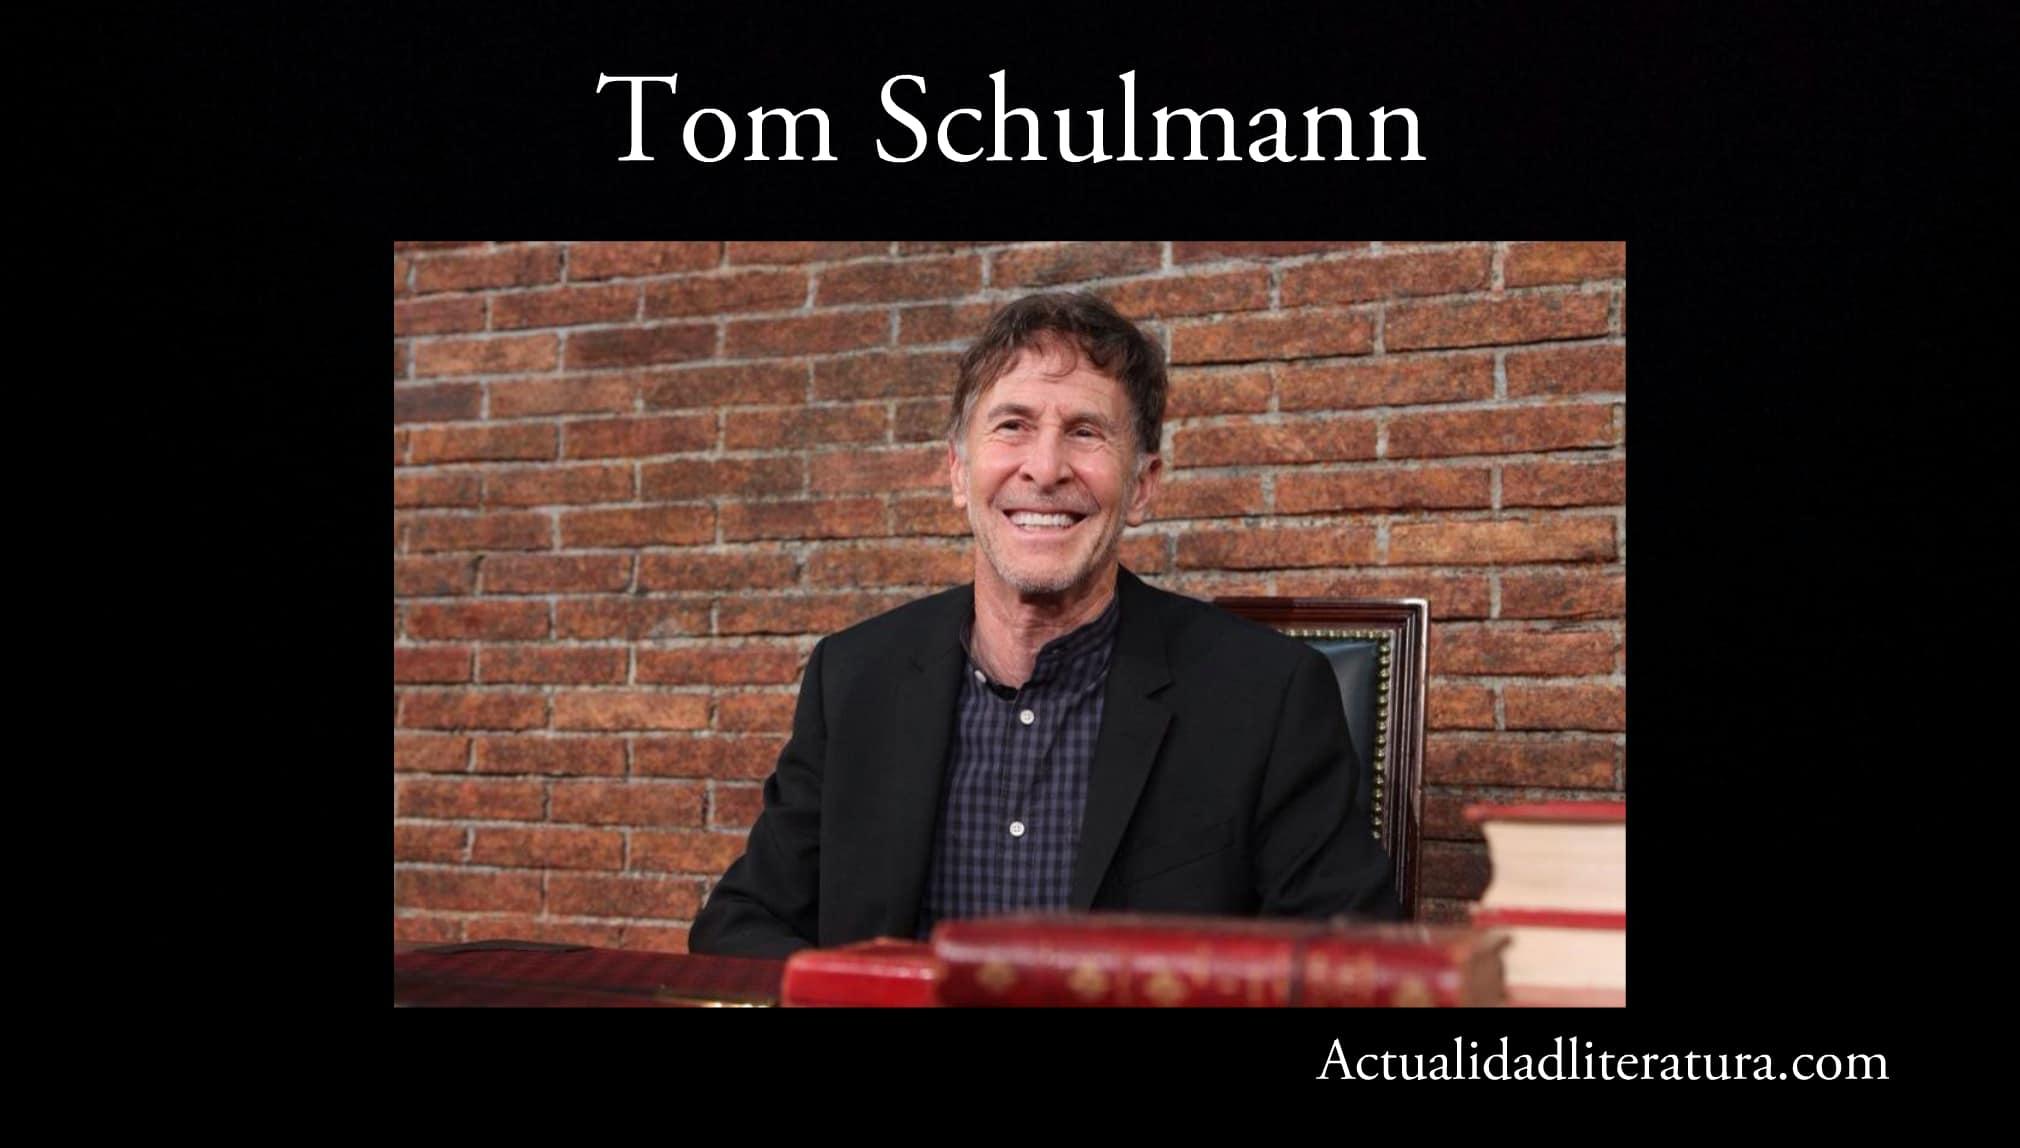 Tom Schulman.